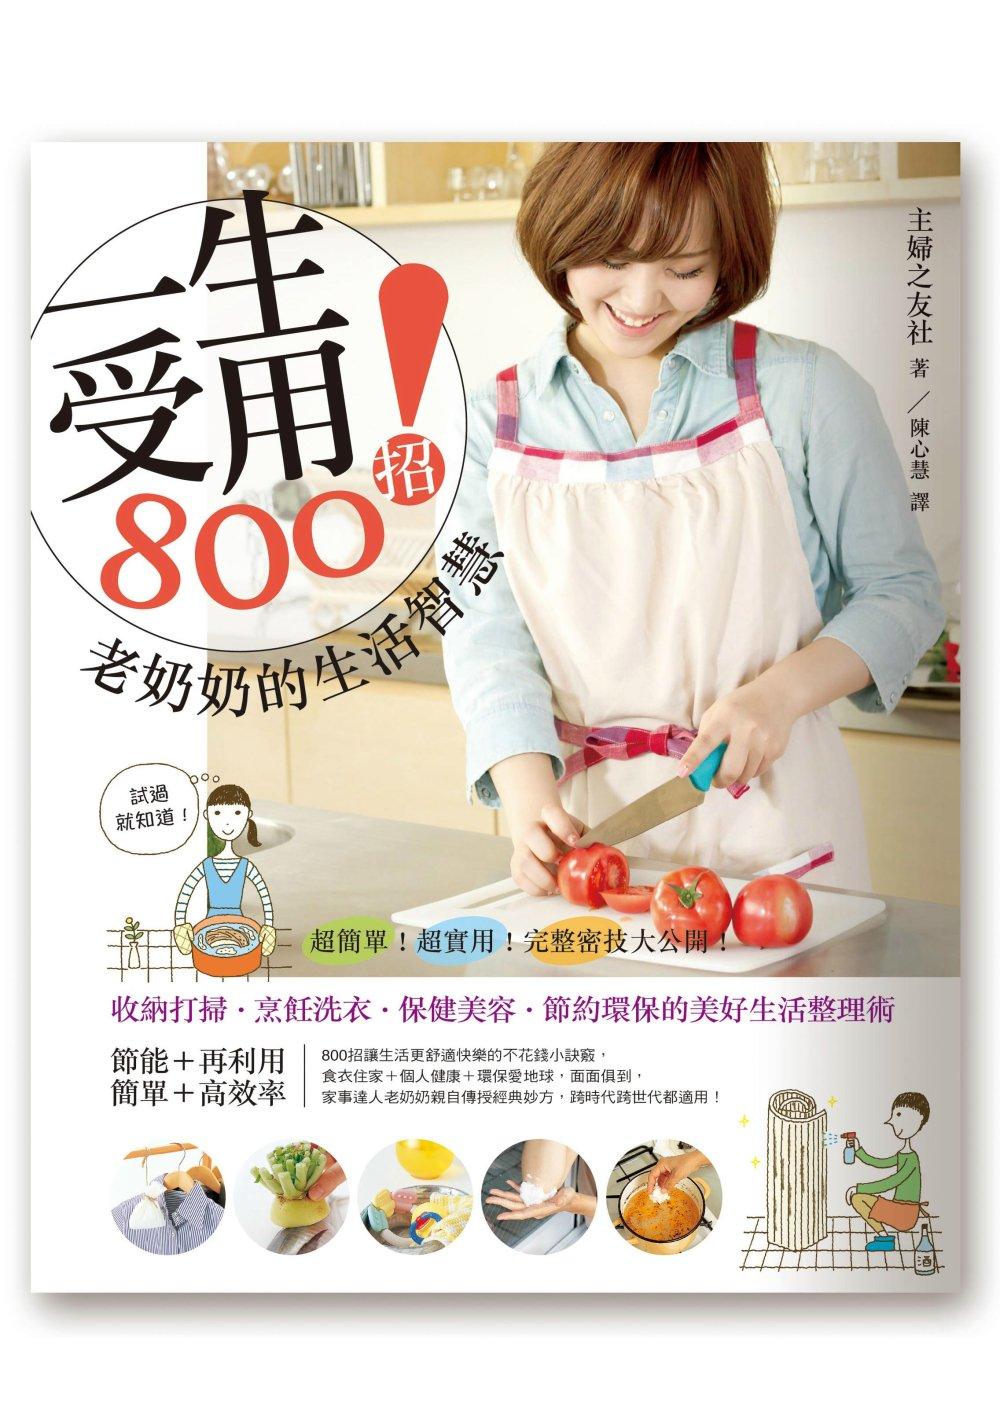 一生受用800招!老奶奶的生活智慧:收納打掃‧烹飪洗衣‧保健美容‧節約環保的美好生活整理術